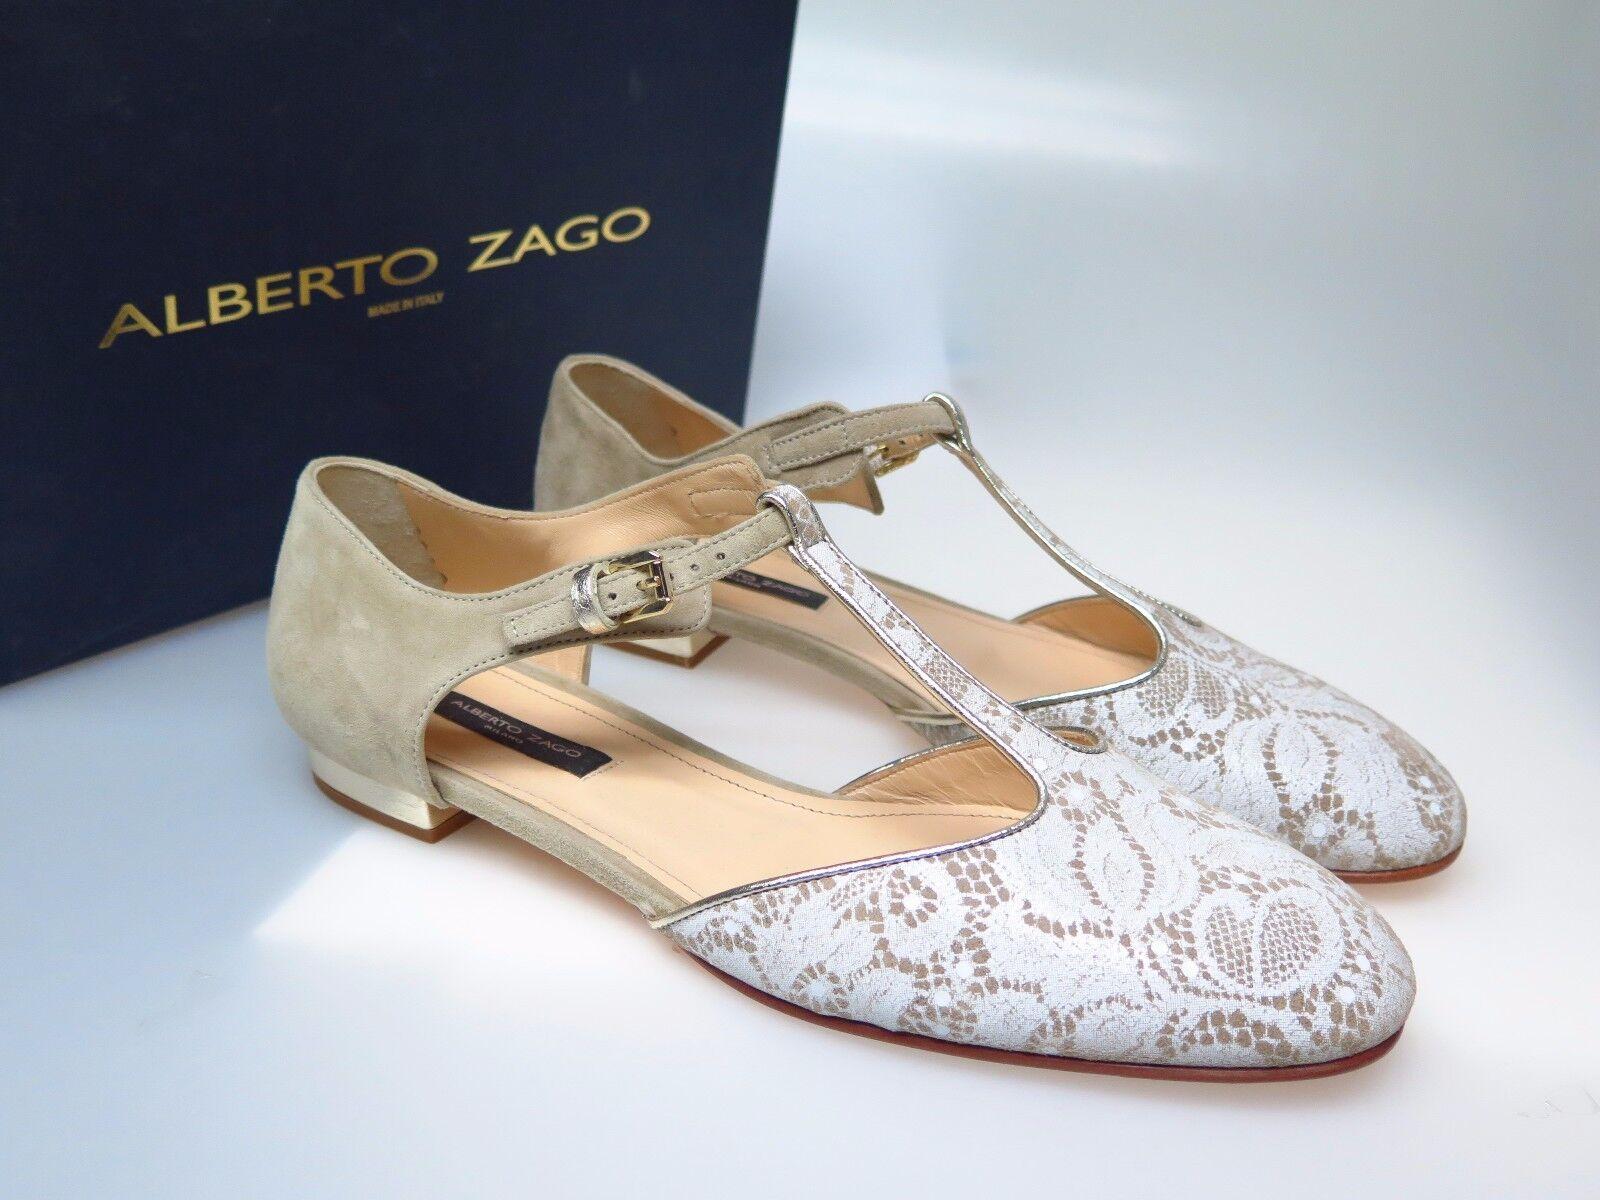 Descuento de liquidación ALBERTO ZAGO Damenschuhe Schuhe E33721 Pizzo Camoscio Taupe Gr. EU 38,5 NEU